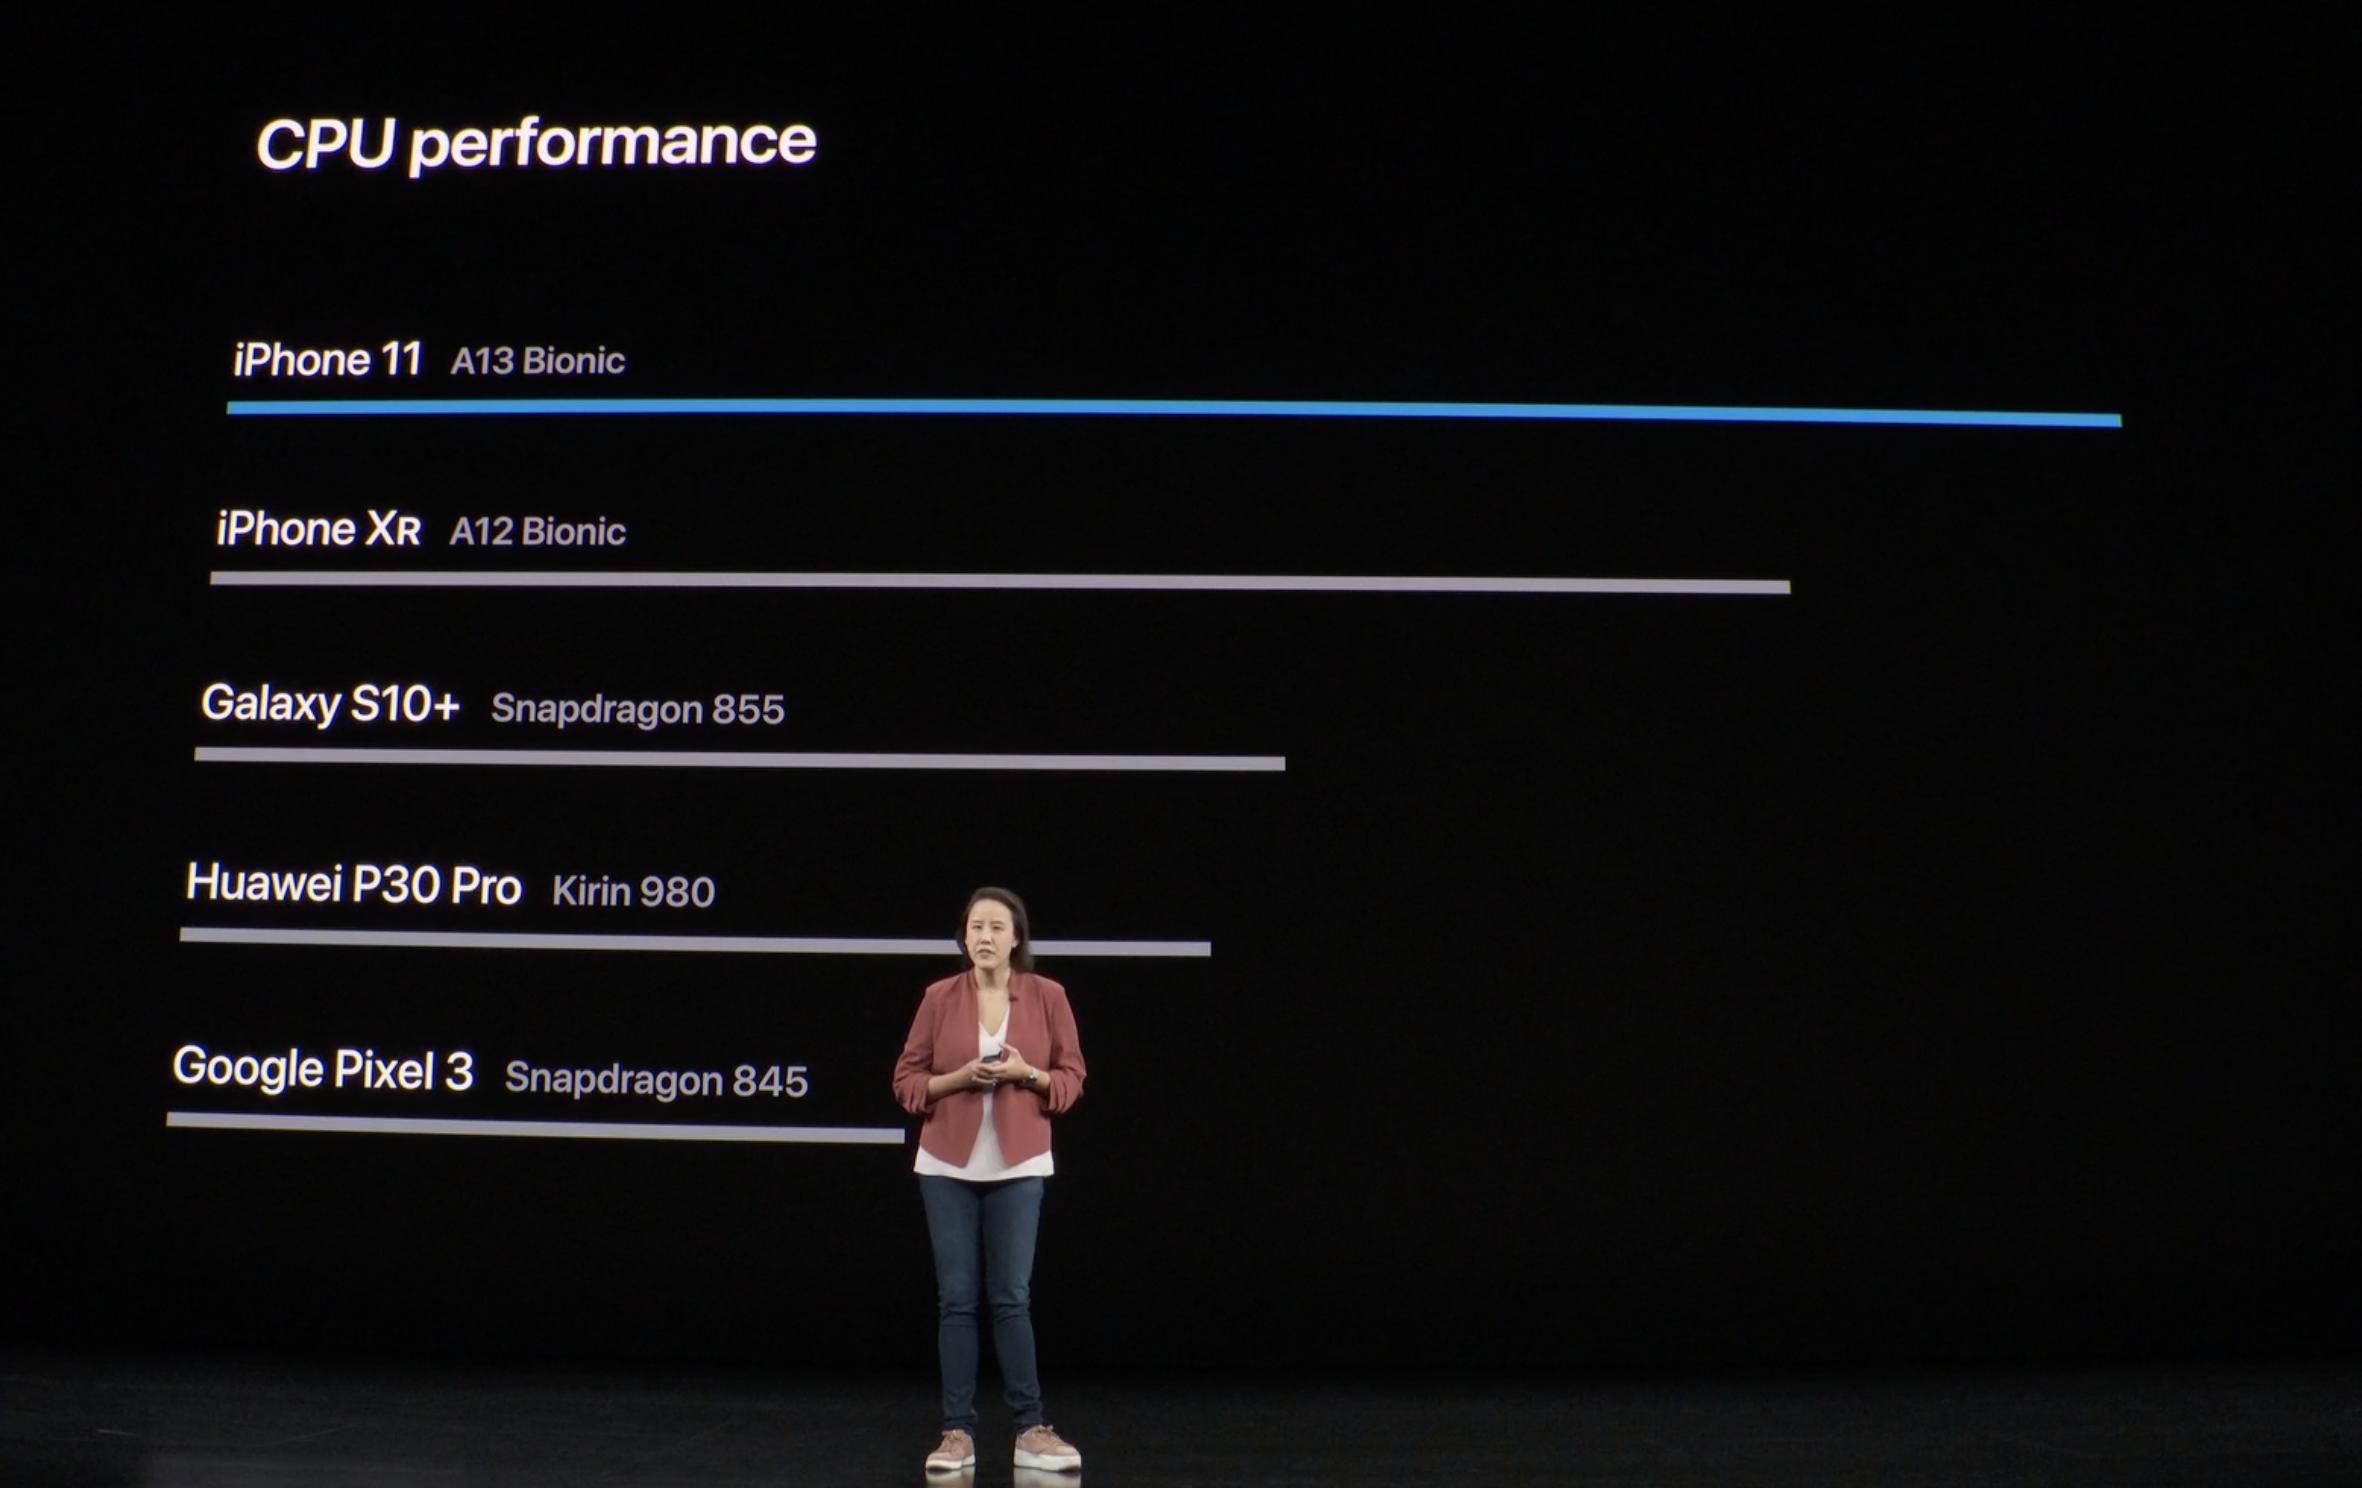 Gráfica comparativa de rendimiento del A13 comparado con smartphones Android y el A12 (Keynote)